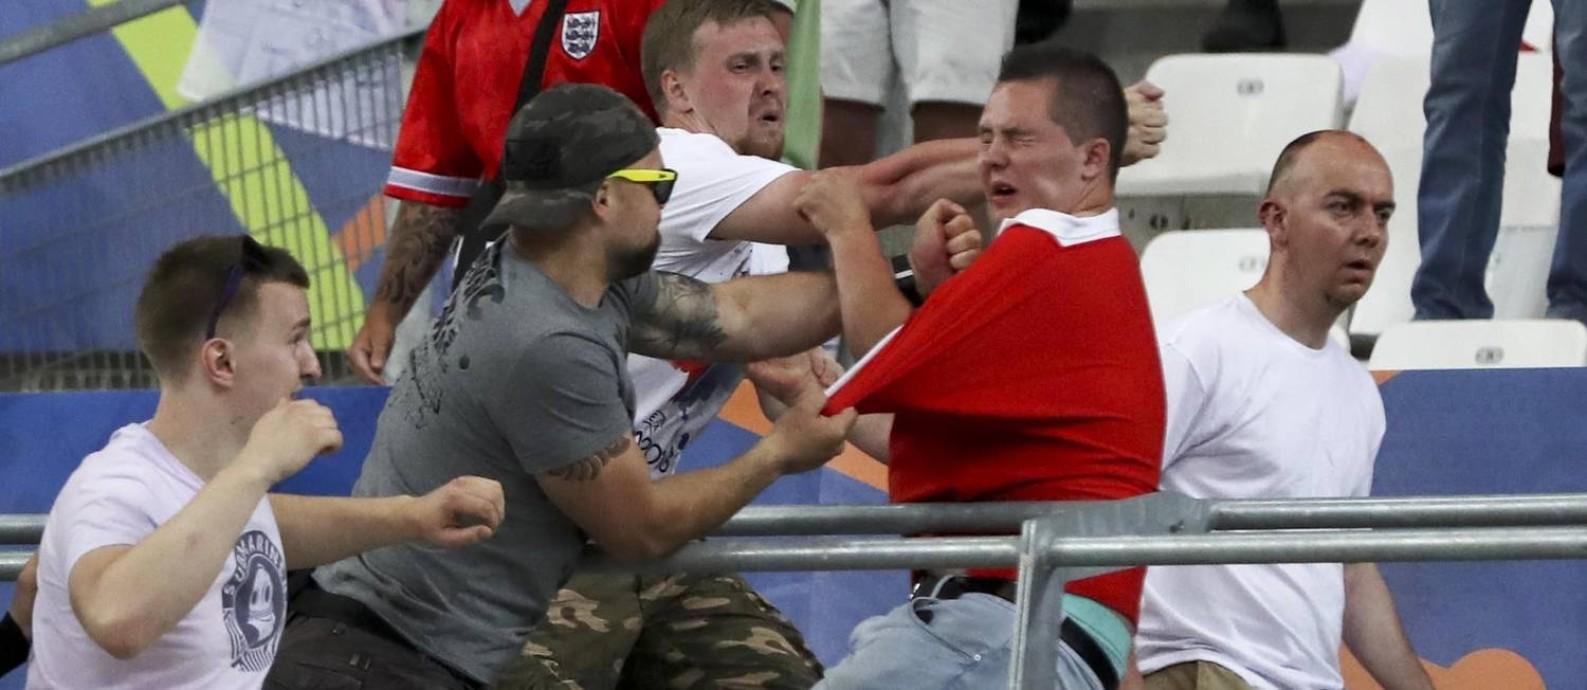 Hooligans de Rússia e Inglaterra brigaram dentro do Velodrome, em Marselha, durante a Euro-2016 Foto: Thanassis Stavrakis / AP